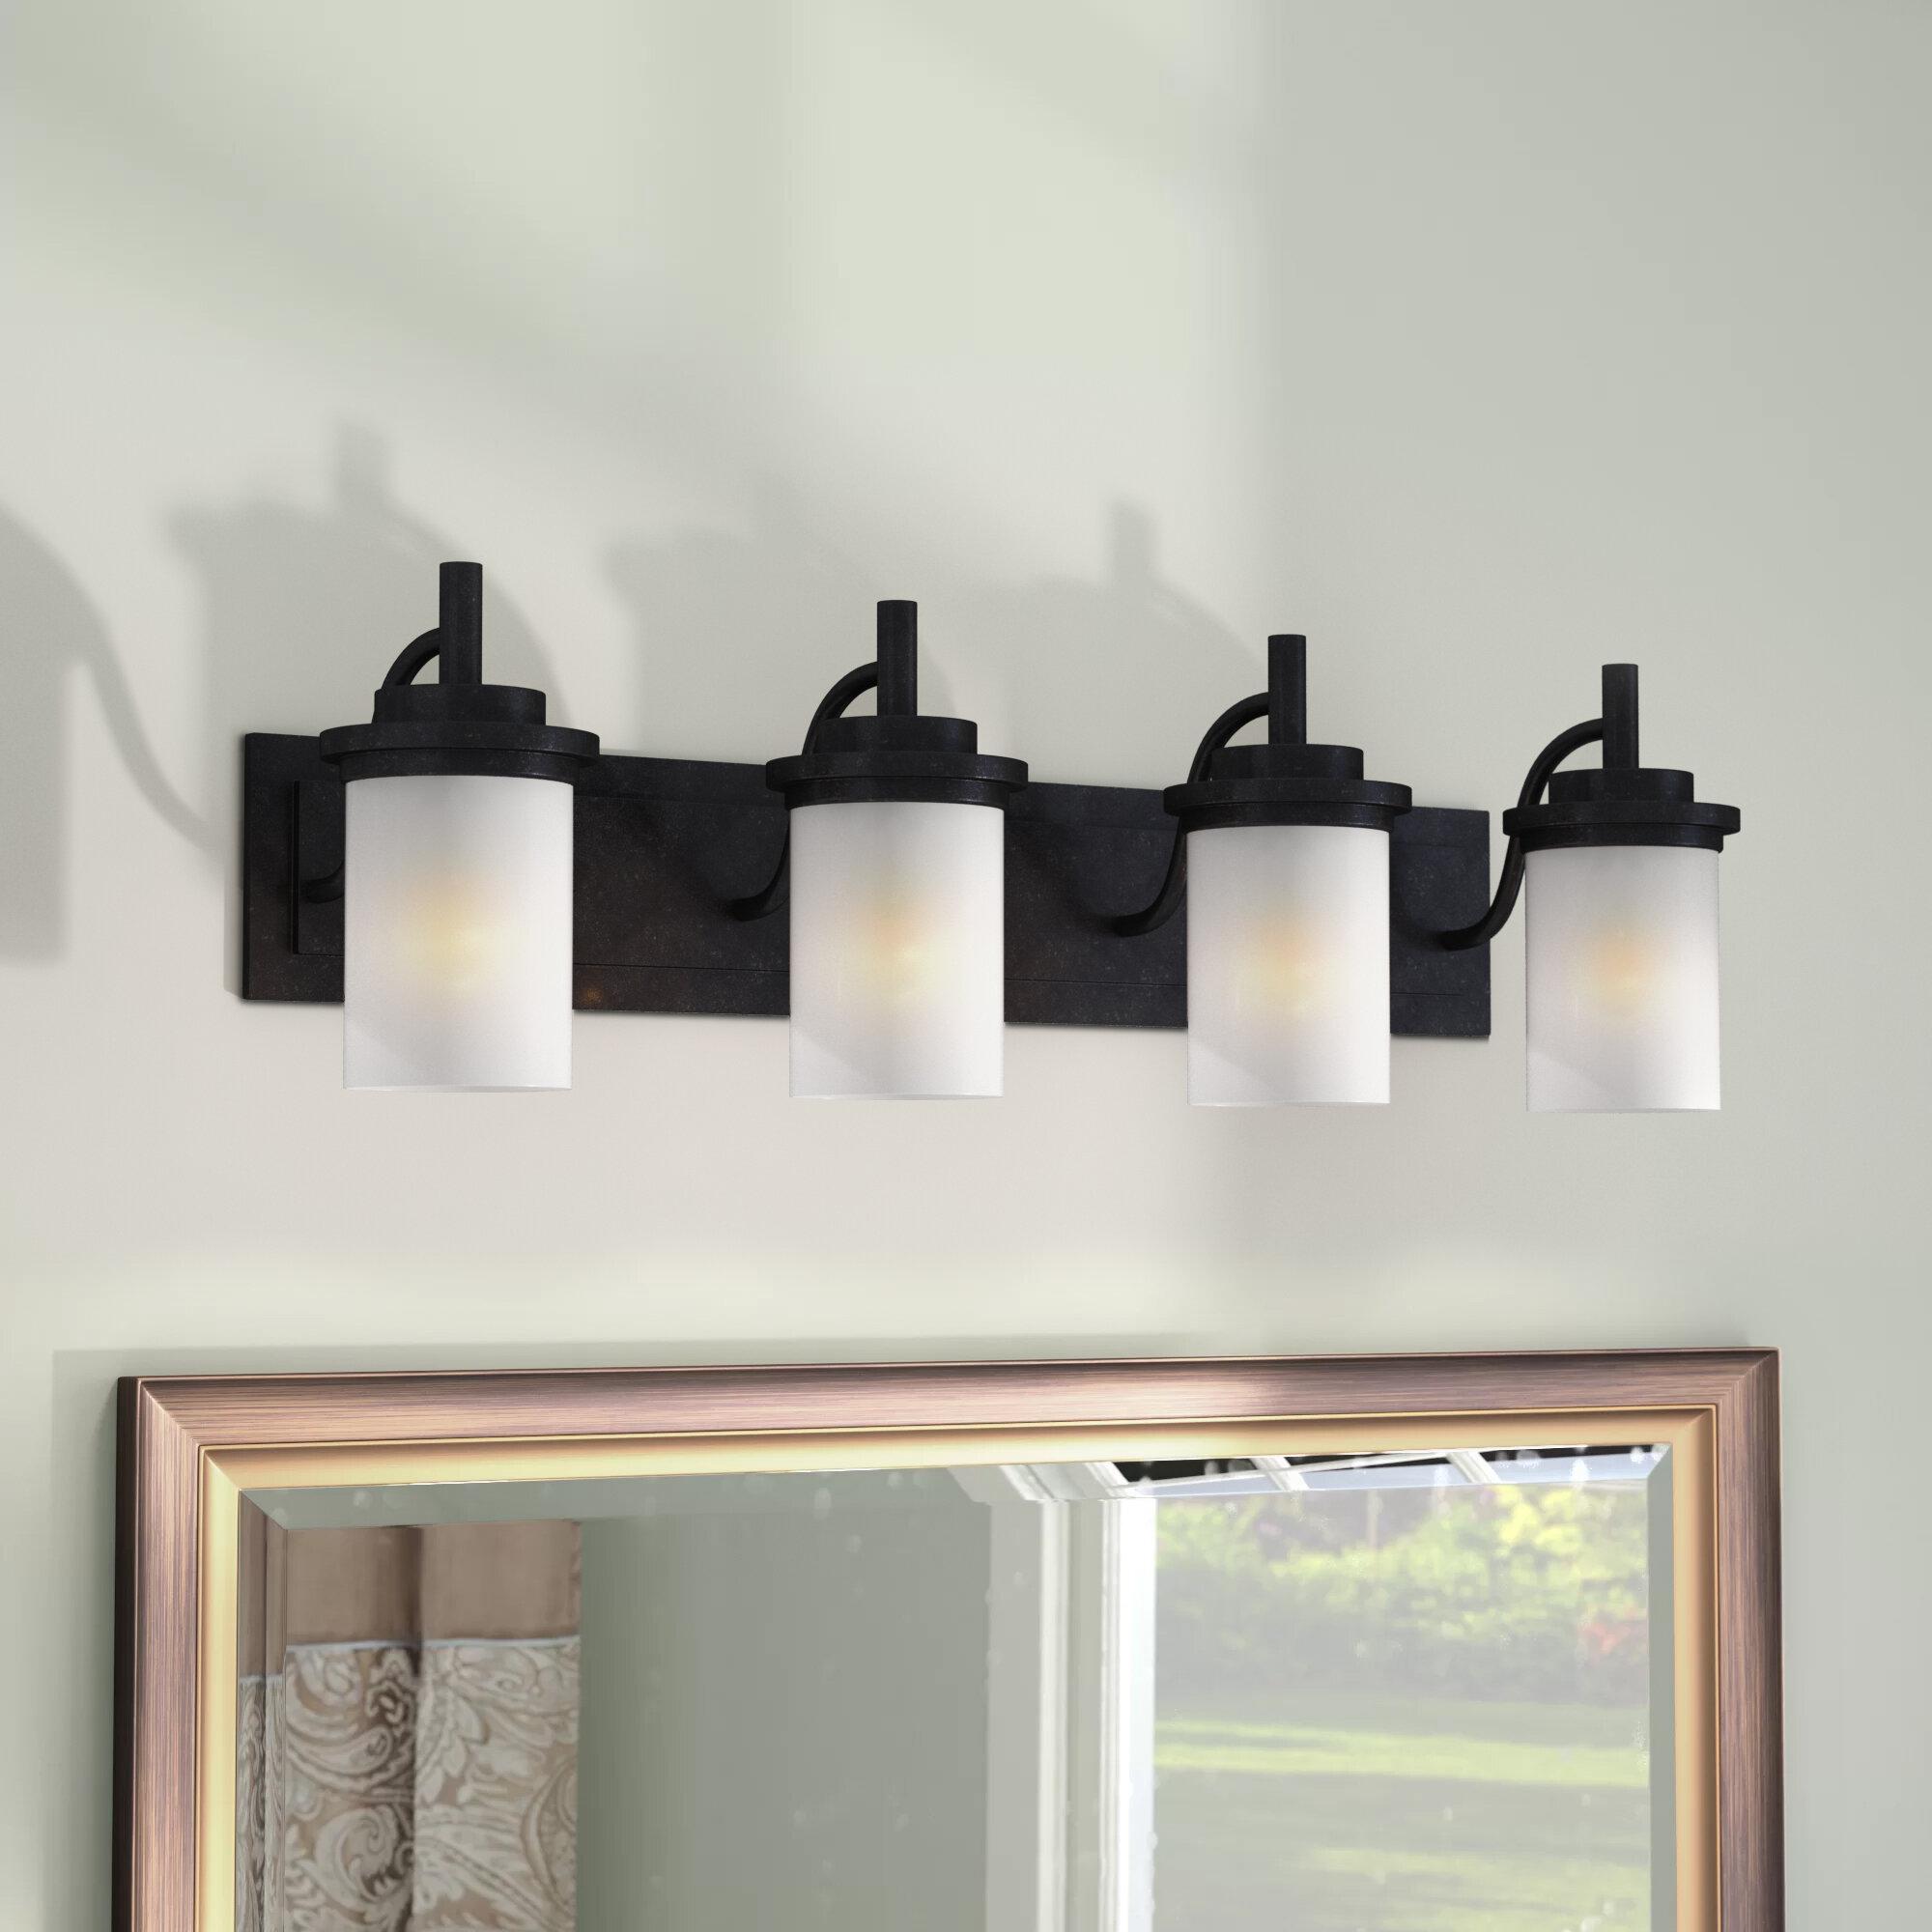 Charlton Home Tilford 4 Light Dimmable Vanity Light Reviews Wayfair